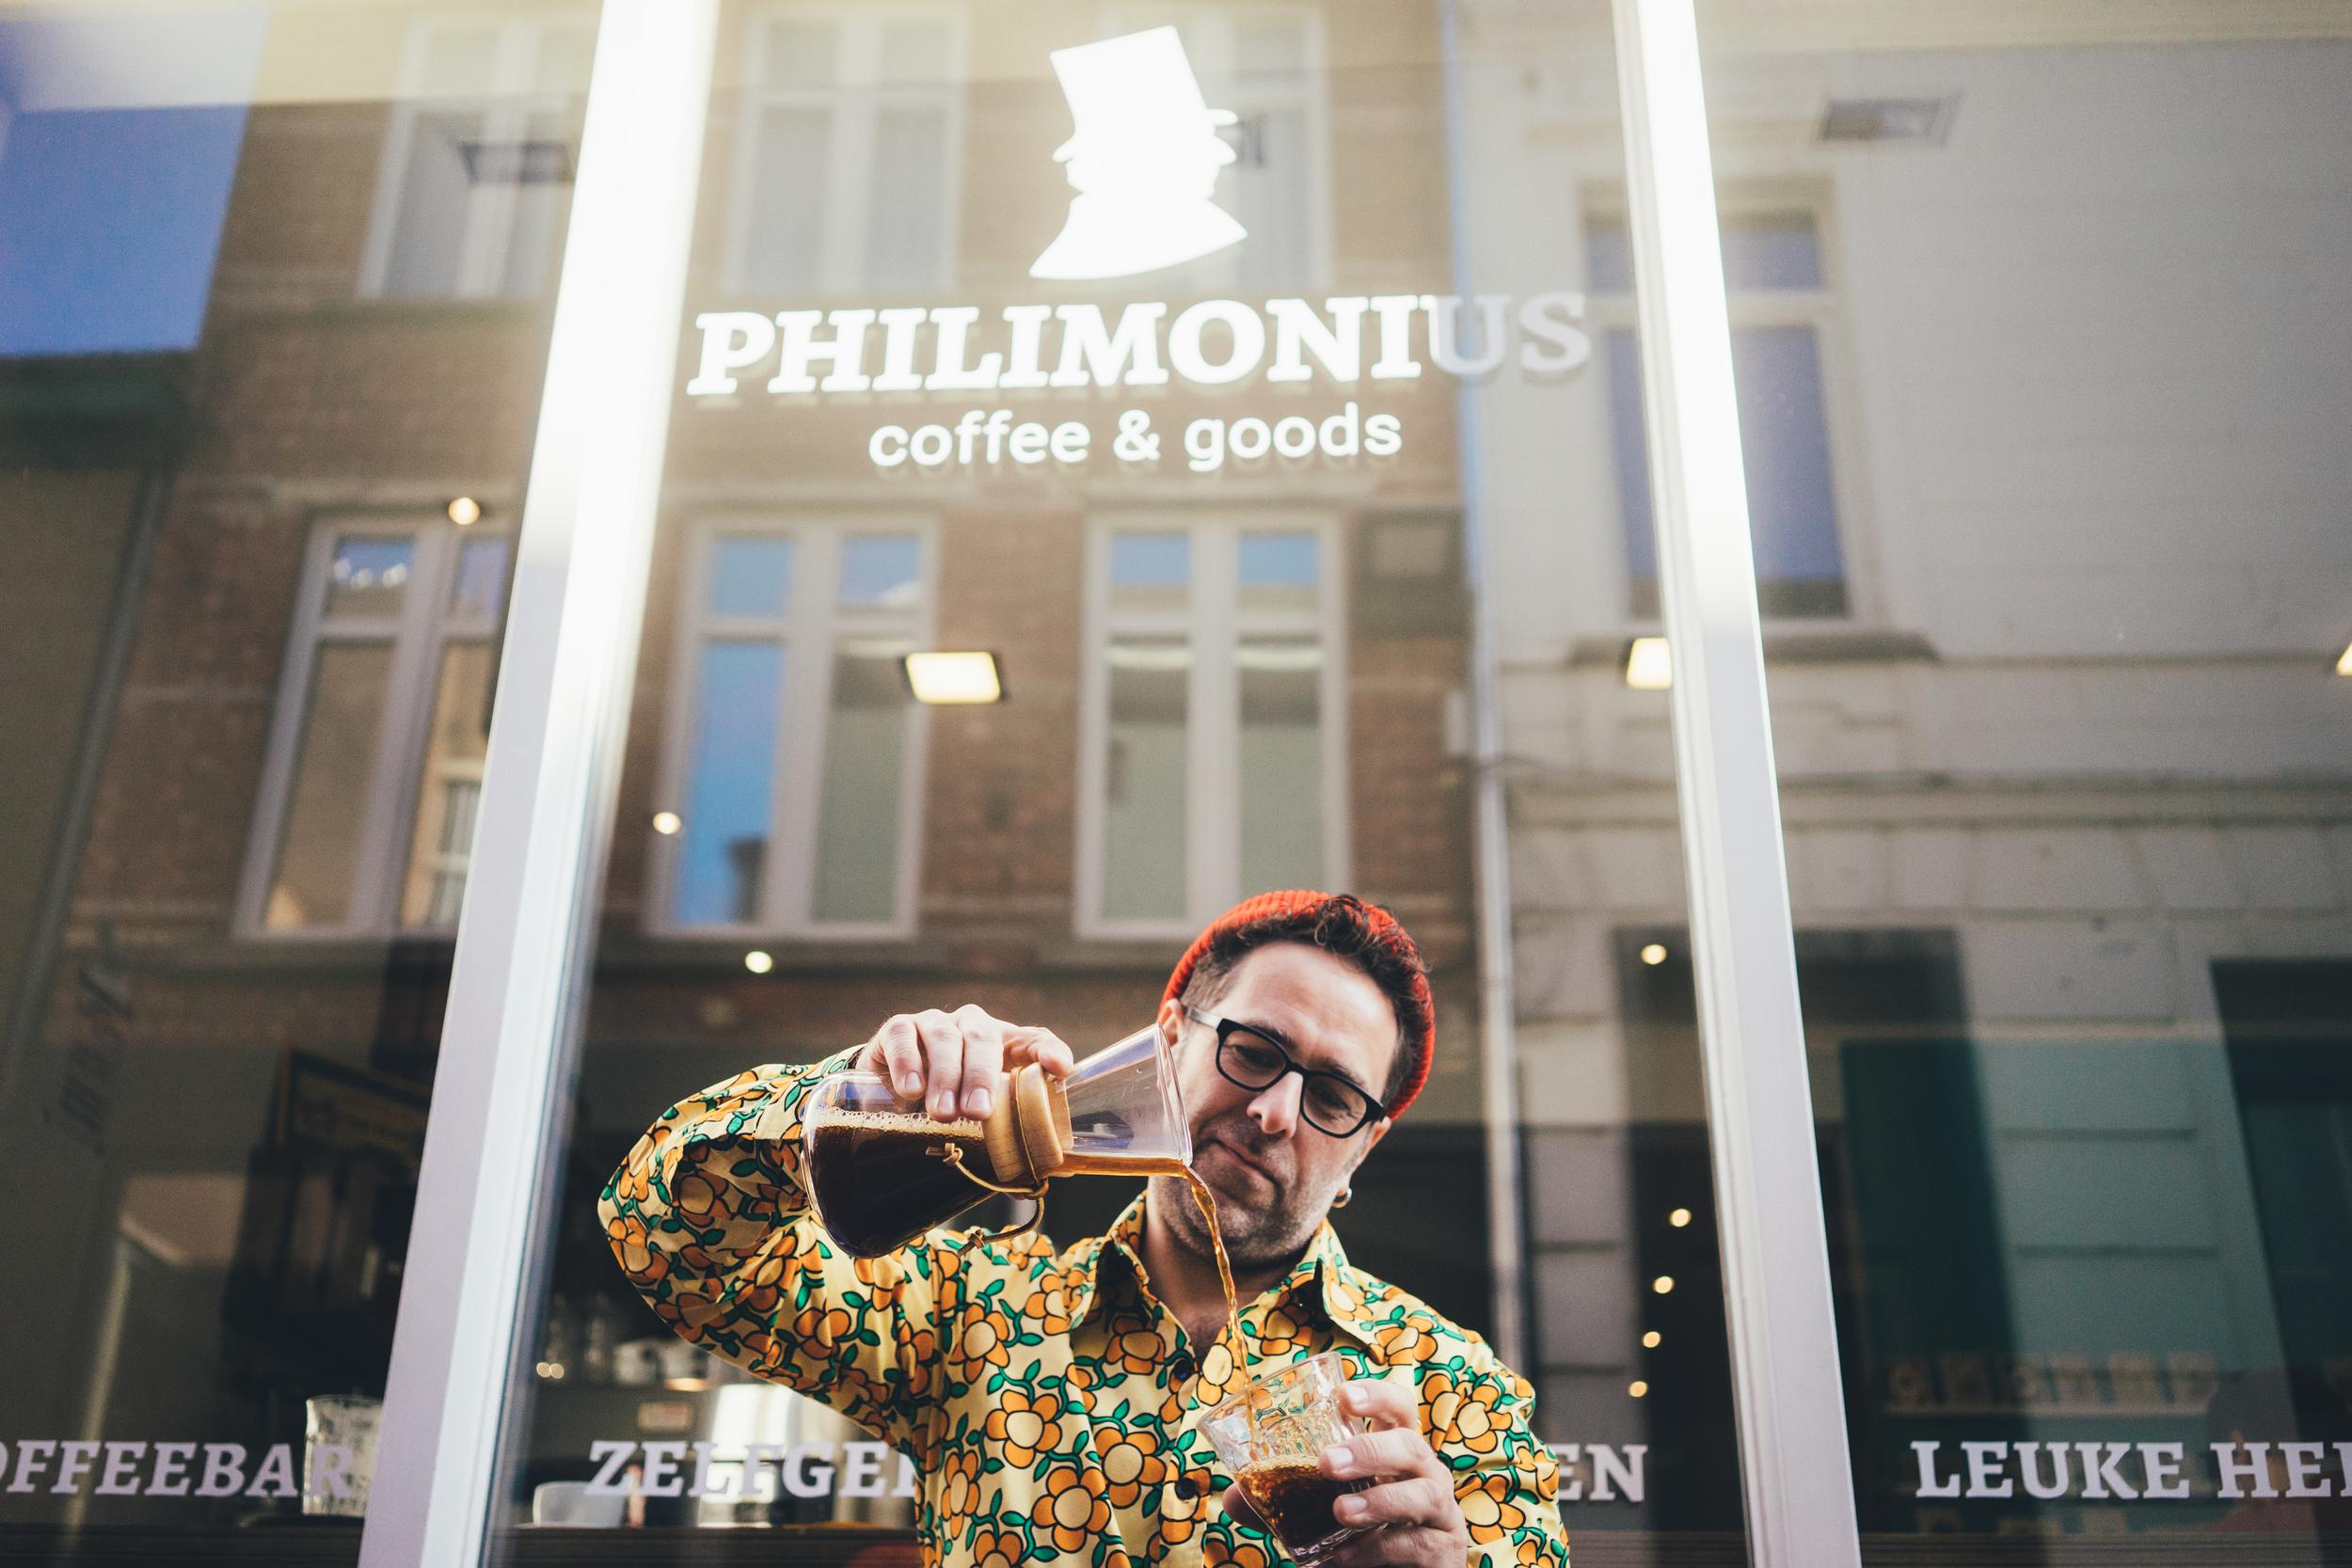 philimonius